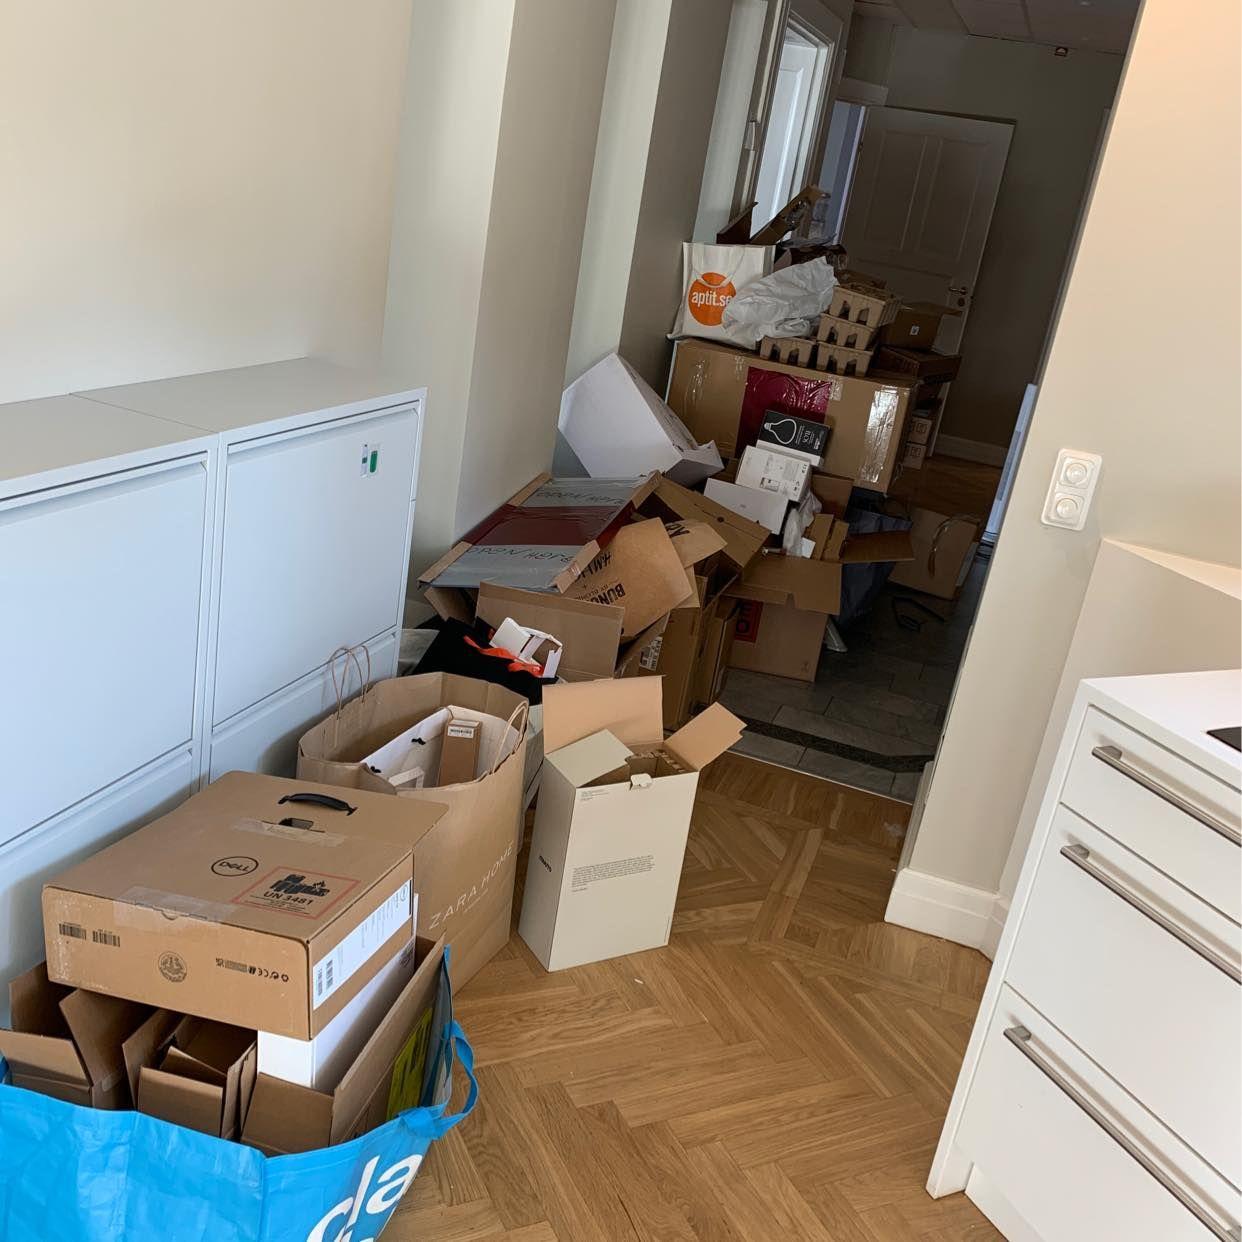 image of Hämta upp kartonger - Stockholm